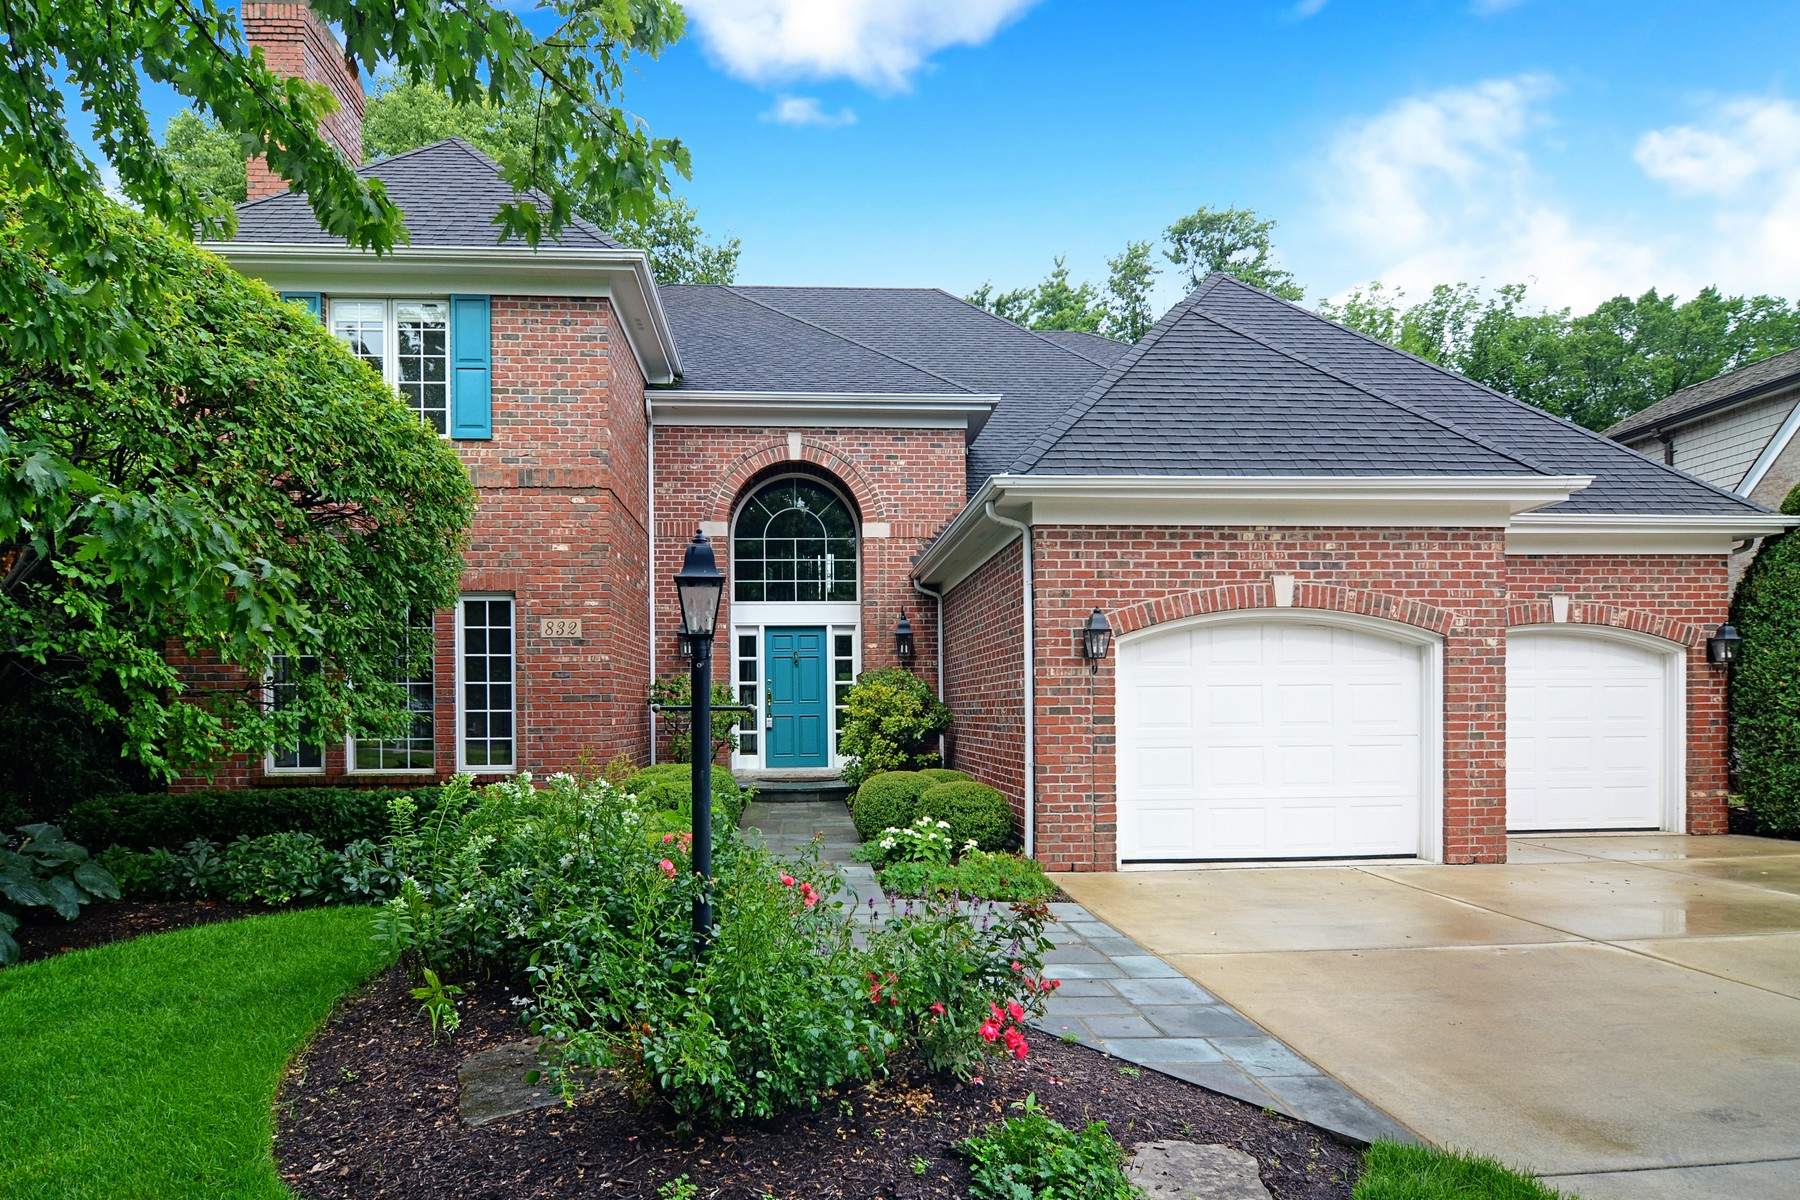 Villa per Vendita alle ore 832 S. Garfield Hinsdale, Illinois, 60521 Stati Uniti